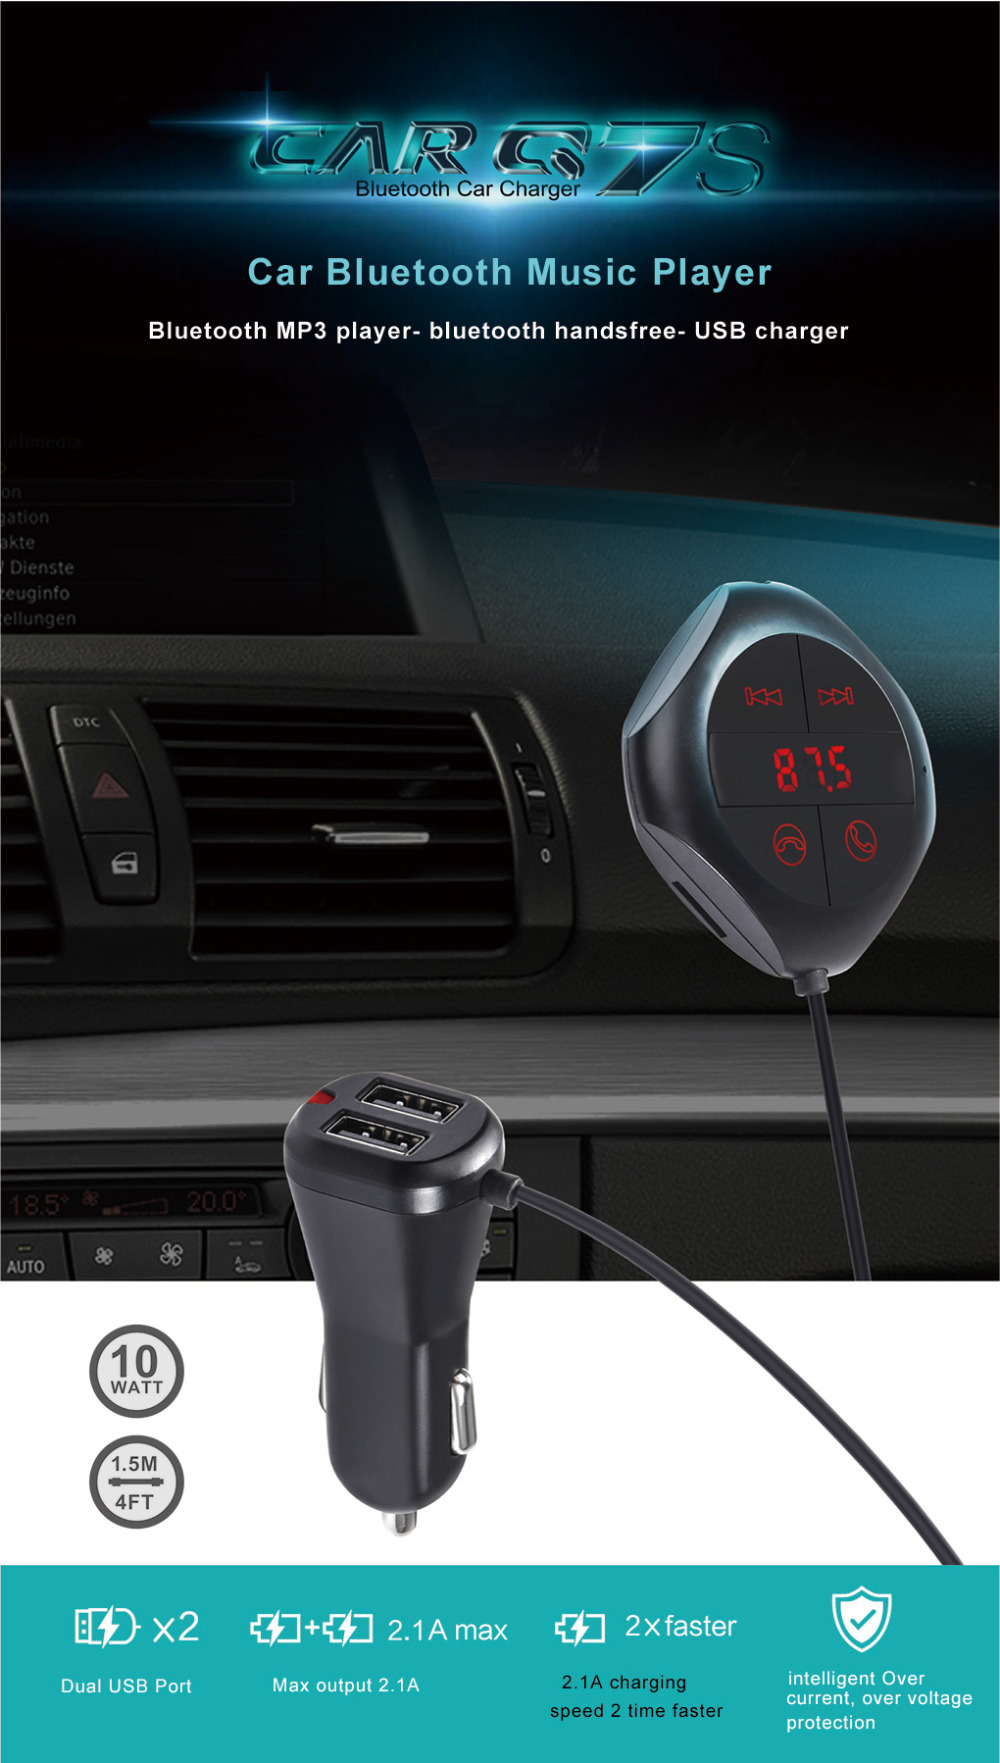 ที่ชาร์จในรถ Wireless Car Charger Q7S เป็นอุปกรณ์ สำหรับเชื่อมต่อกับเครื่องเสียงในรถยนต์ รุ่นที่ยังไม่มี Bluetoothโดยเราจะใช้ Q7S เป็นตัวรับสัญญาณบลูทูธเชื่อมต่อกับโทรศัพท์มือถือ หรือ อุปกรณ์ Smartphone,iPad และ Tablet ต่างๆและทำการส่งสัญญาณเสียง เข้าไปที่เครื่องเสียงรถยนต์ ทางช่อง FM ถึงแม้ท่านจะไม่มีเครื่องเล่น CD/MP3 ในรถ ก็สามารถแปลงเครื่องรับฟังวิทยุ FM ให้สามารถเล่นเพลง MP3จาก Smartphone ของท่านได้ และอีกความสามารถหนึ่งที่มาพร้อมกับการใช้งานเป็น Handsfree เพื่อรับสายโทรศัพท์ได้ มีช่อง USB สำหรับชาร์จ 2 ช่อง (1.0A , 2.1A) และ มีหน้าจอ LCD แยกออกมาติดที่หน้าคอนโซล เพิ่มความสะดวกในการมองเห็น build-in ด้วยเทคโนโลยี noise suppression (CVC) เพื่อลดเสียงรบกวนต่างๆ